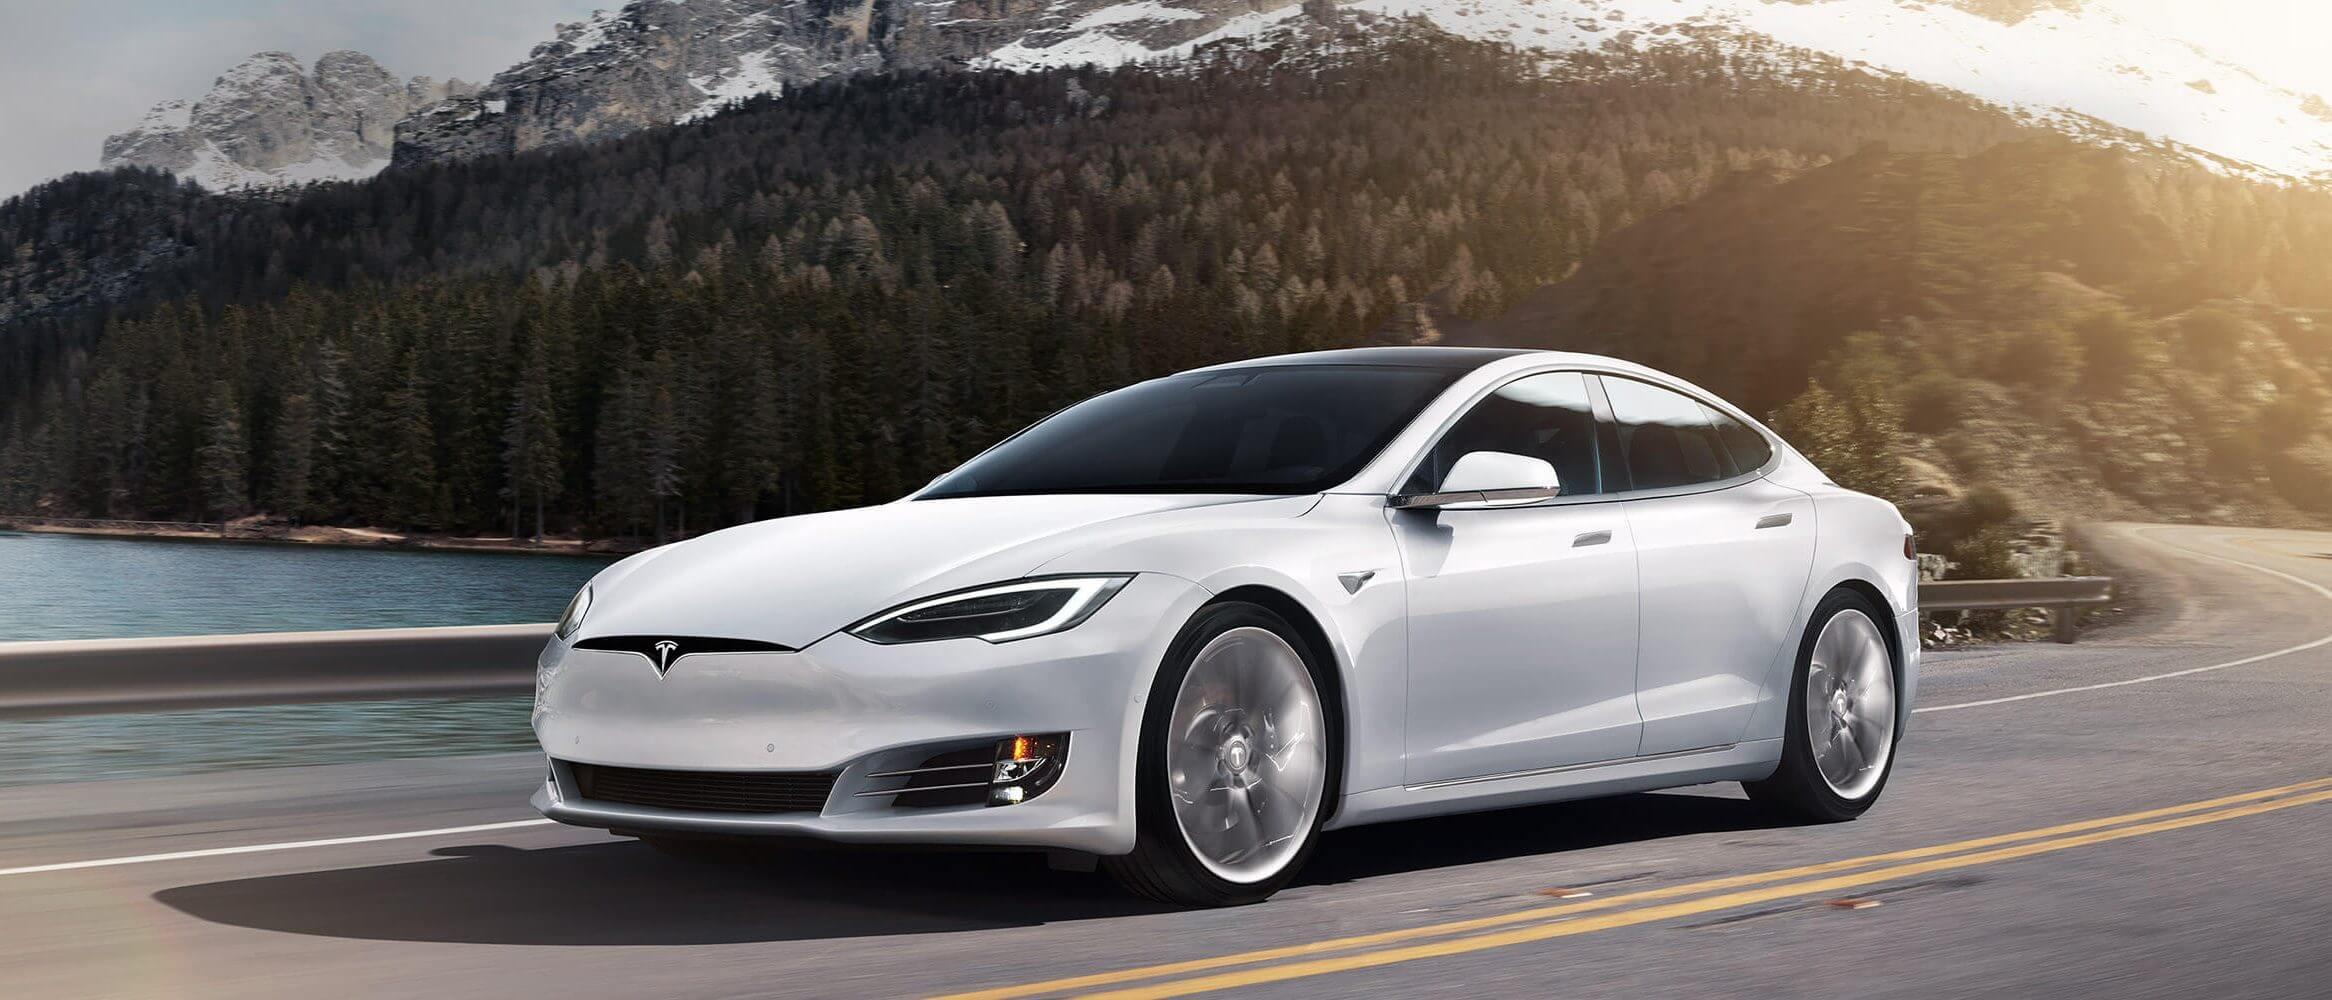 Инженеры смогли сделать Tesla еще лучше tesla,авто и мото,технологии